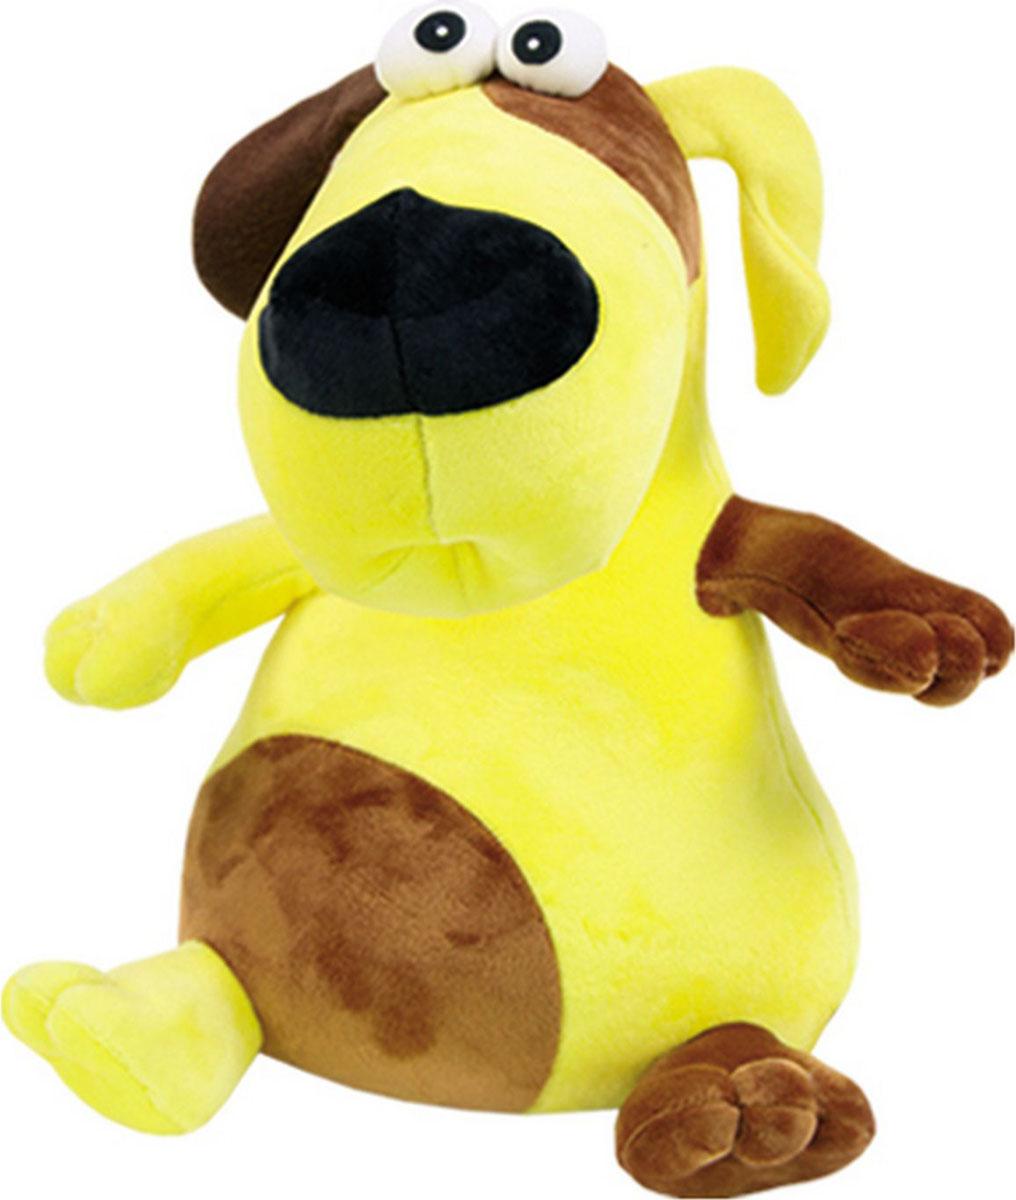 Подушка-игрушка Штучки, к которым тянутся ручки антистрессовая Пучеглаз Собака, желтый